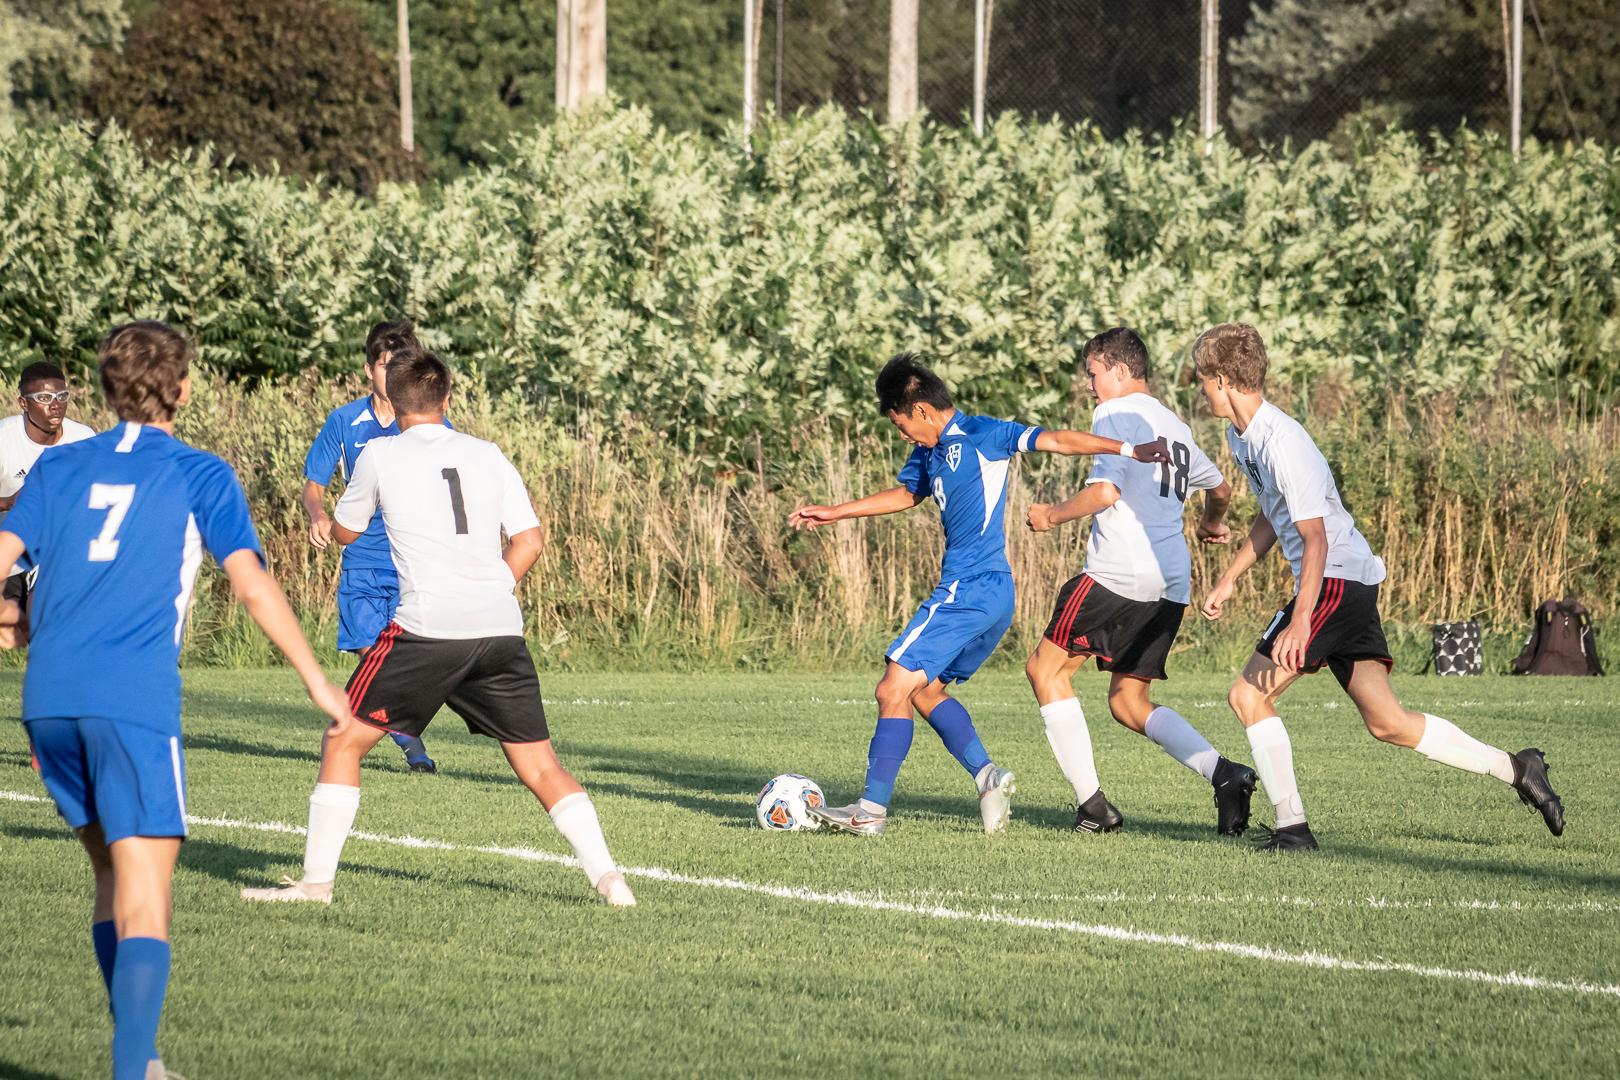 Marian-Varsity-Boys-Soccer-9350.jpg